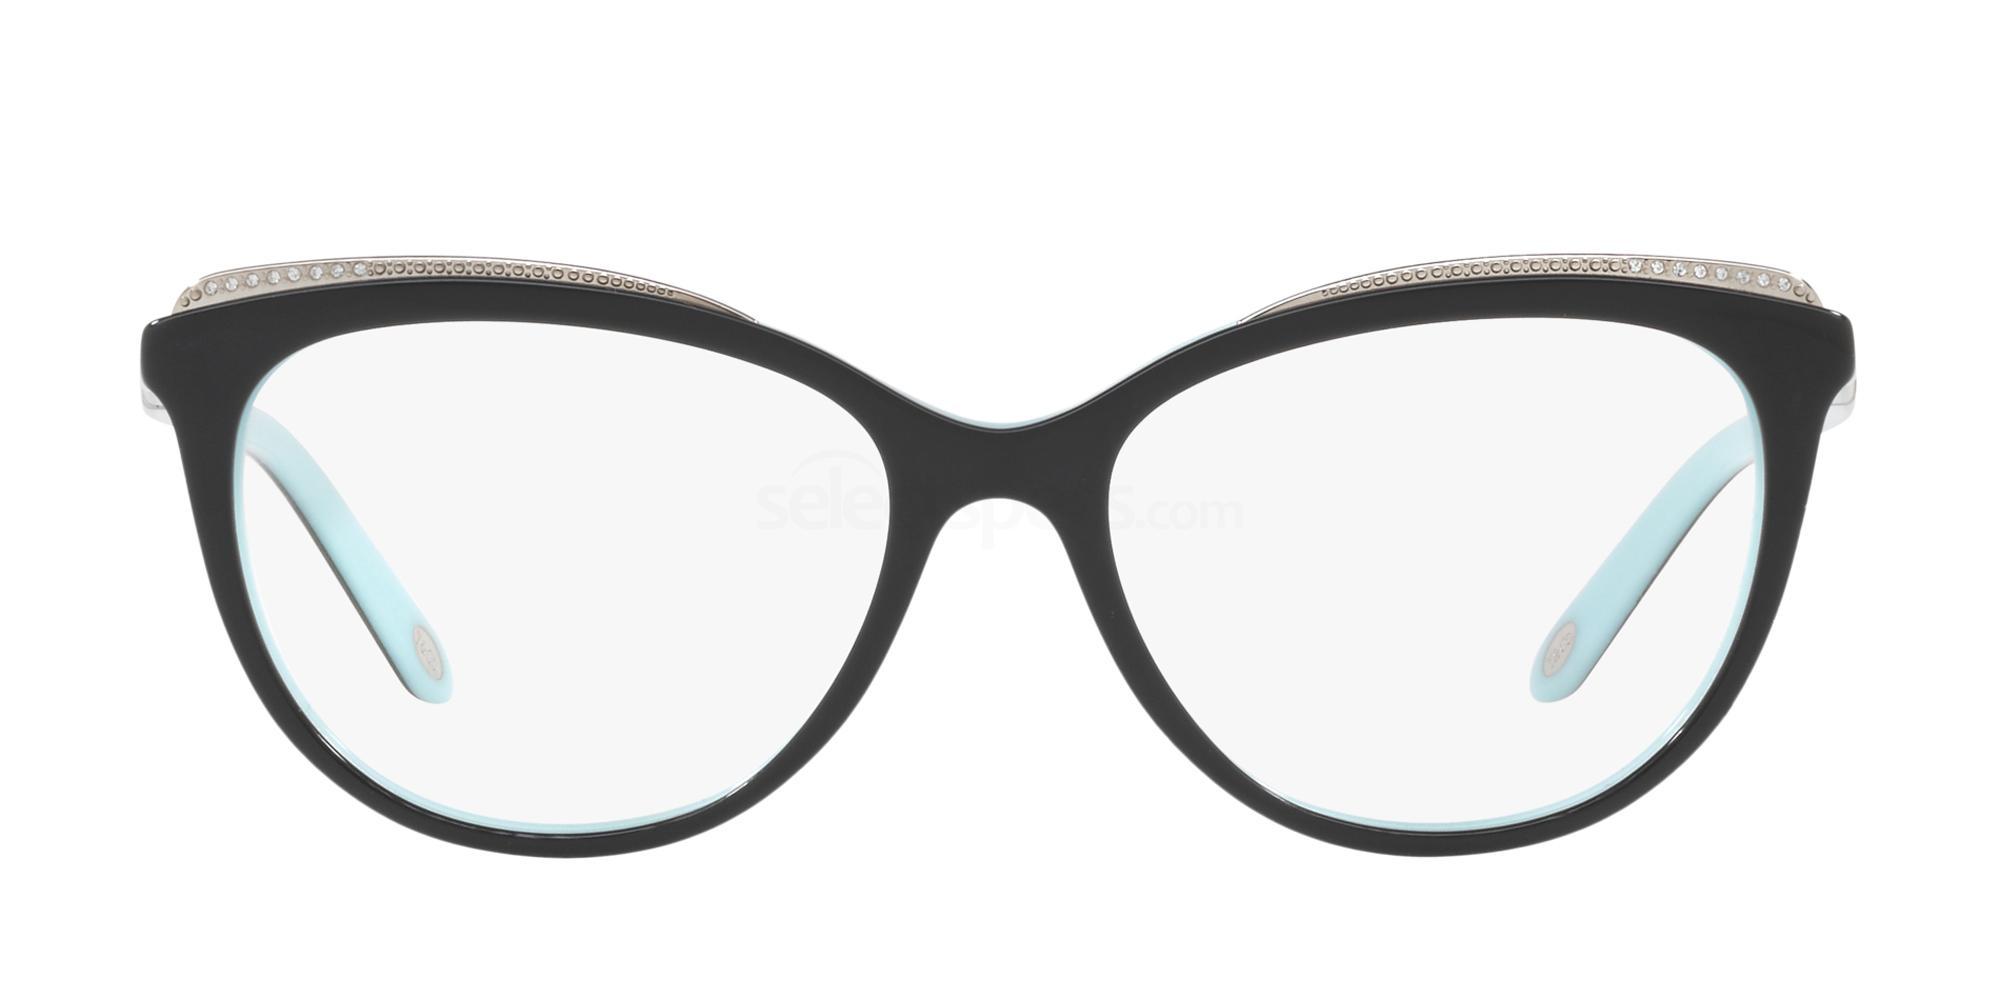 8055 TF2147B Glasses, Tiffany & Co.